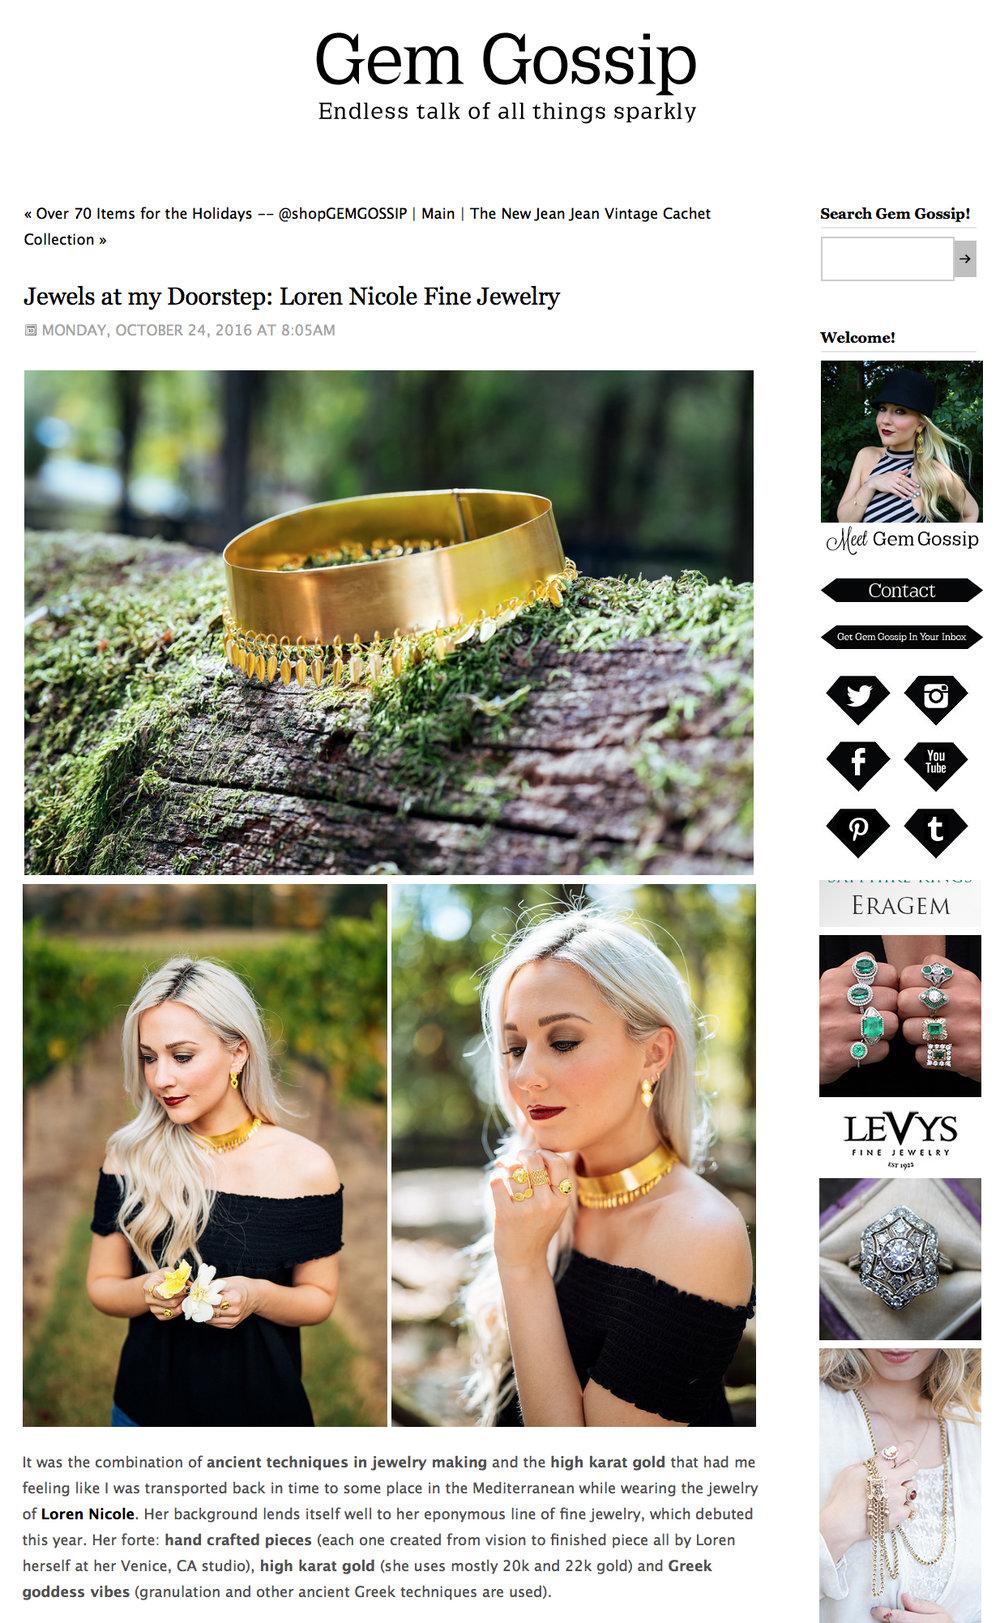 Jewels at my Doorstep: Loren Nicole Fine Jewelryby Gem Gossip. October 2016. Read article here